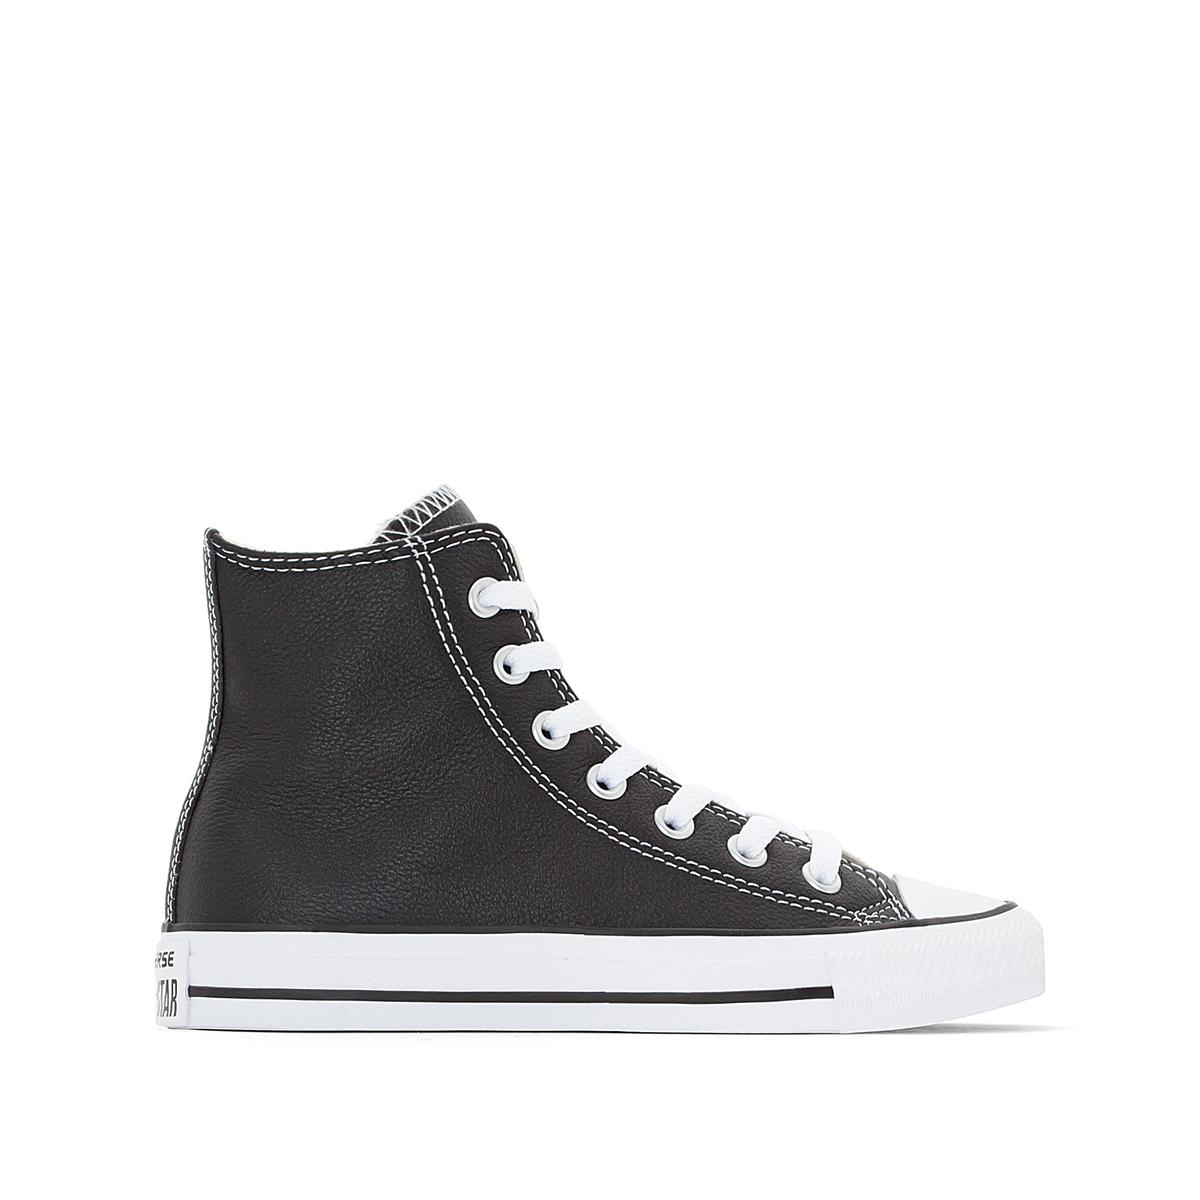 Imagen principal de producto de Zapatillas de caña alta CTAS Hi piel - Converse